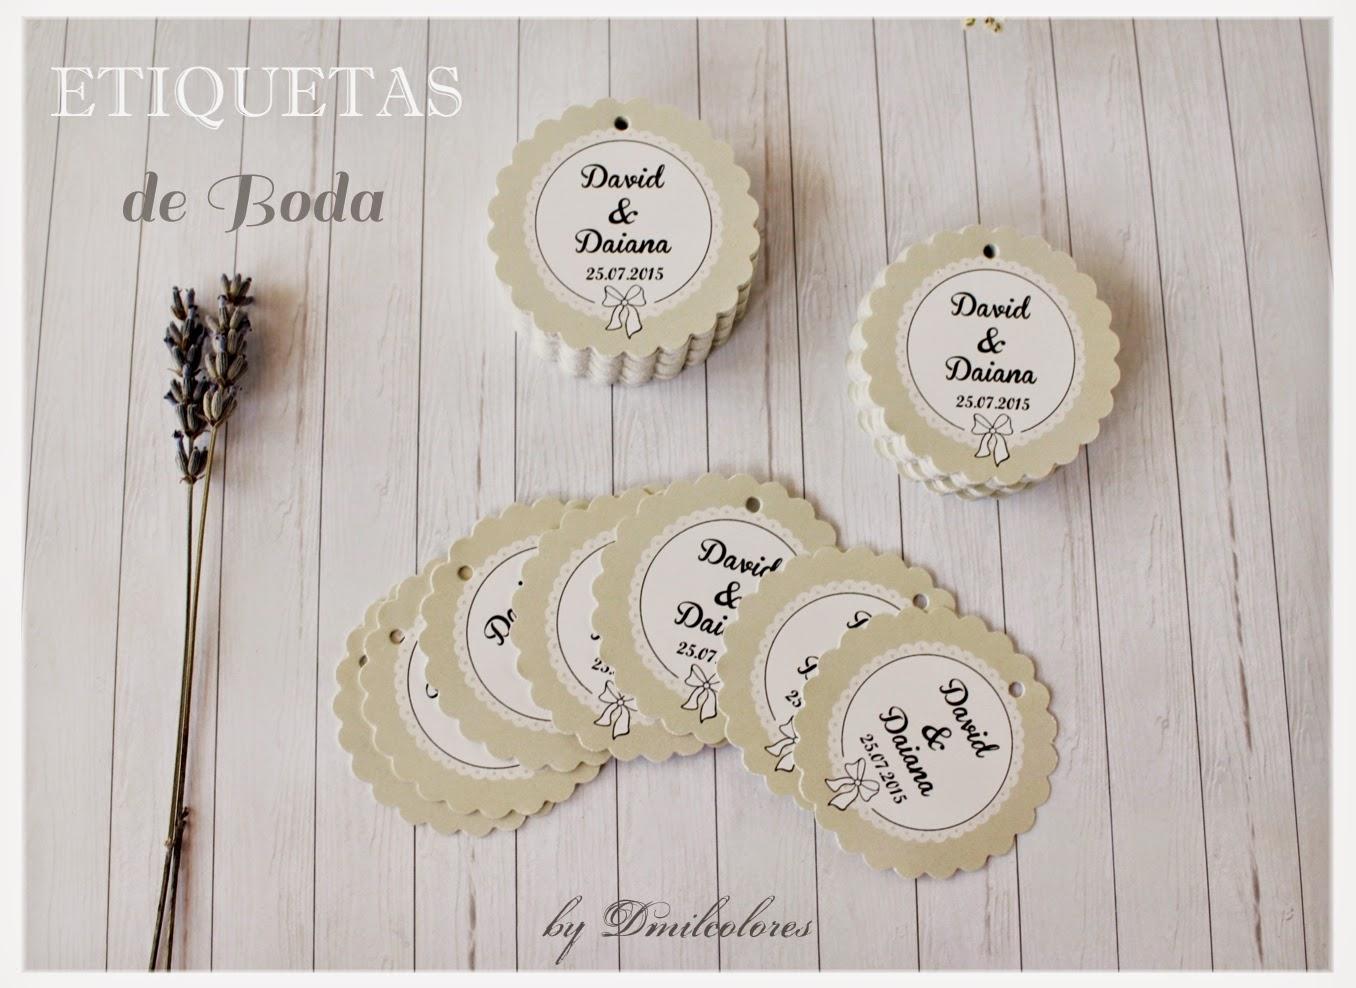 etiquetas de boda 1